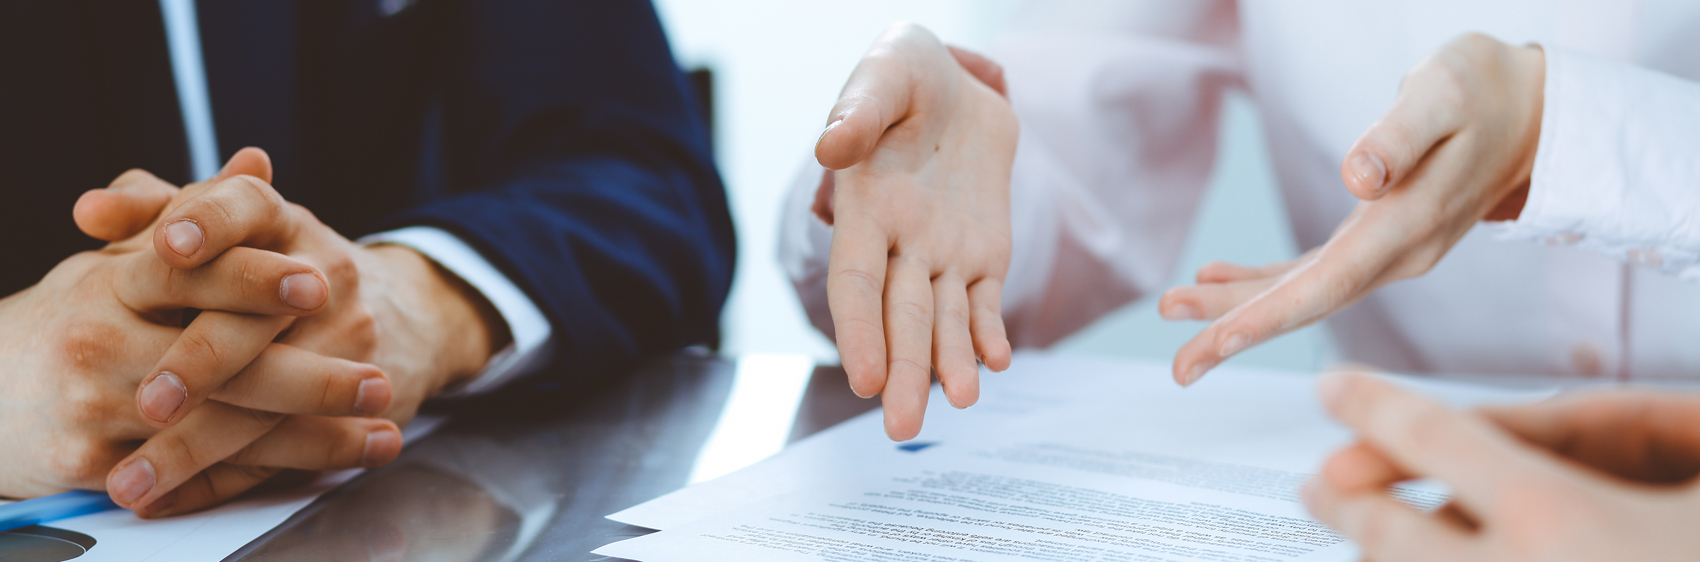 mains montrant un dossier papier